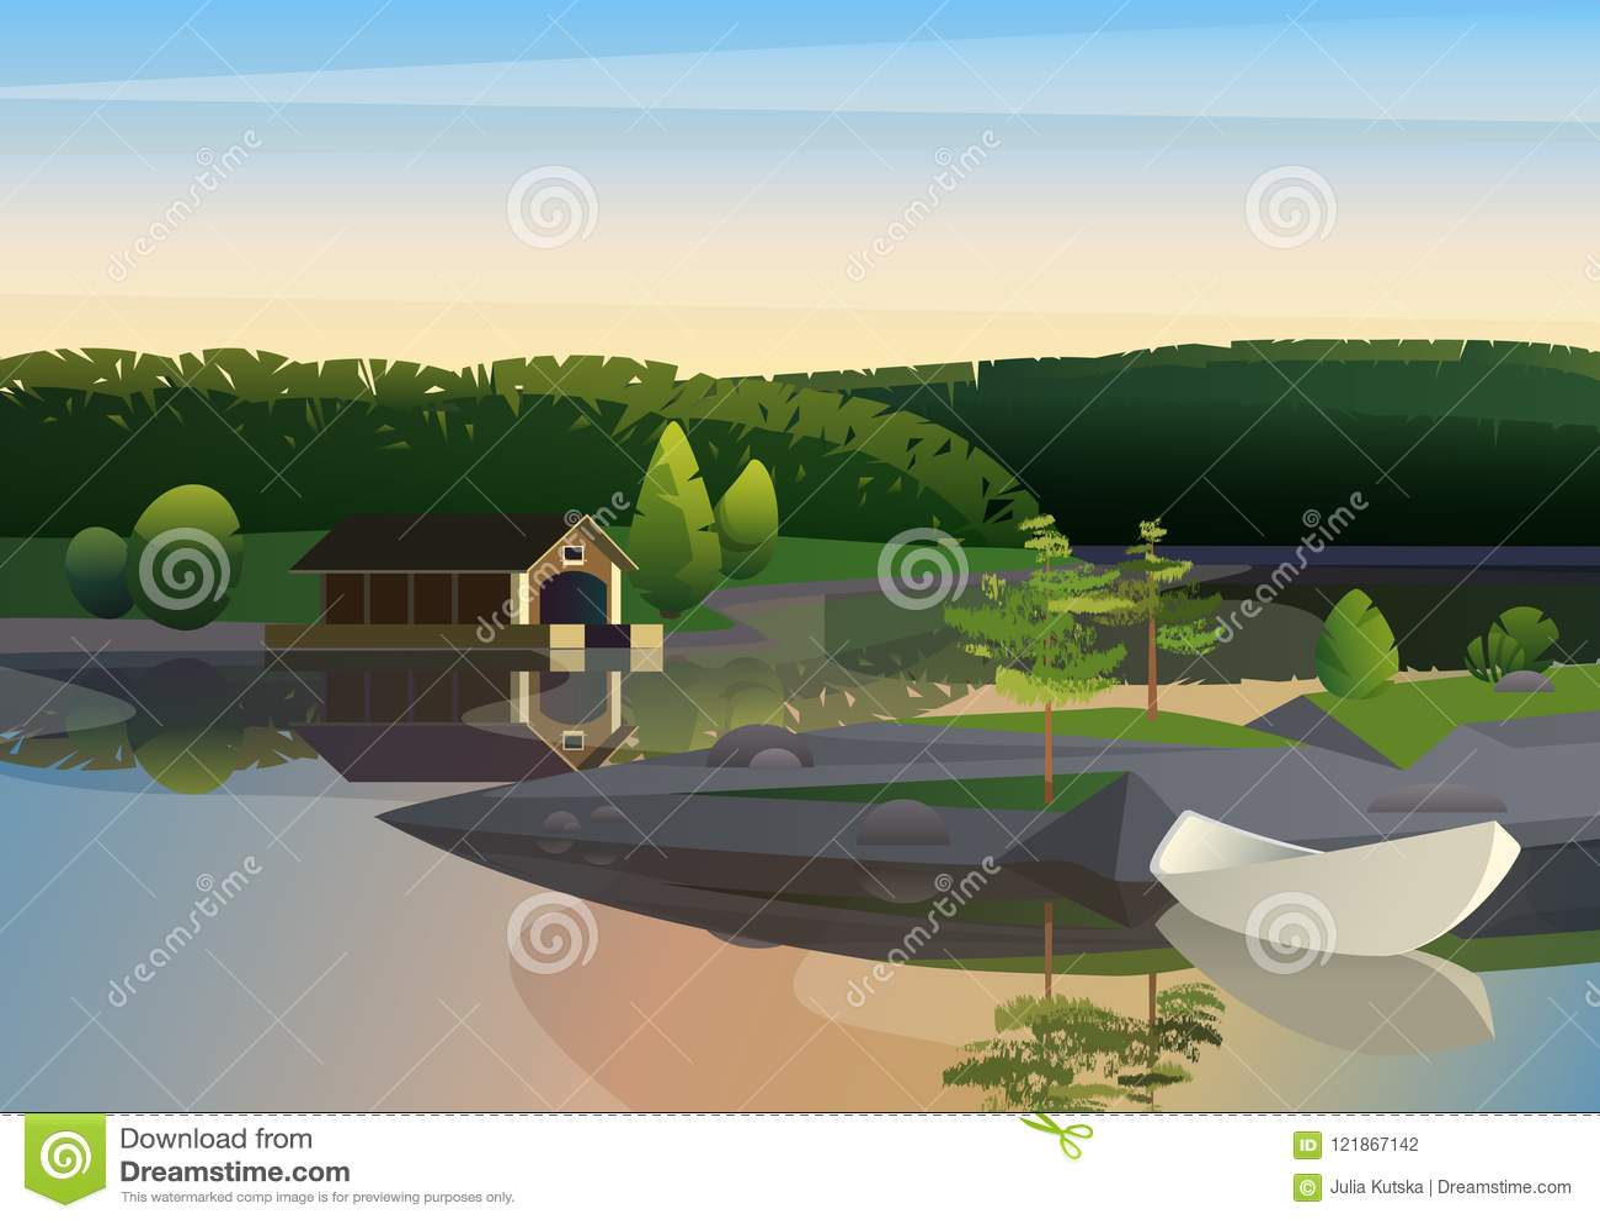 Διανυσματική εικόνα του ήρεμου τοπίου με τη μακρινή αποβάθρα σπιτιών και της πλέοντας βάρκας στην ακτή της λίμνης στην πράσινη φύ